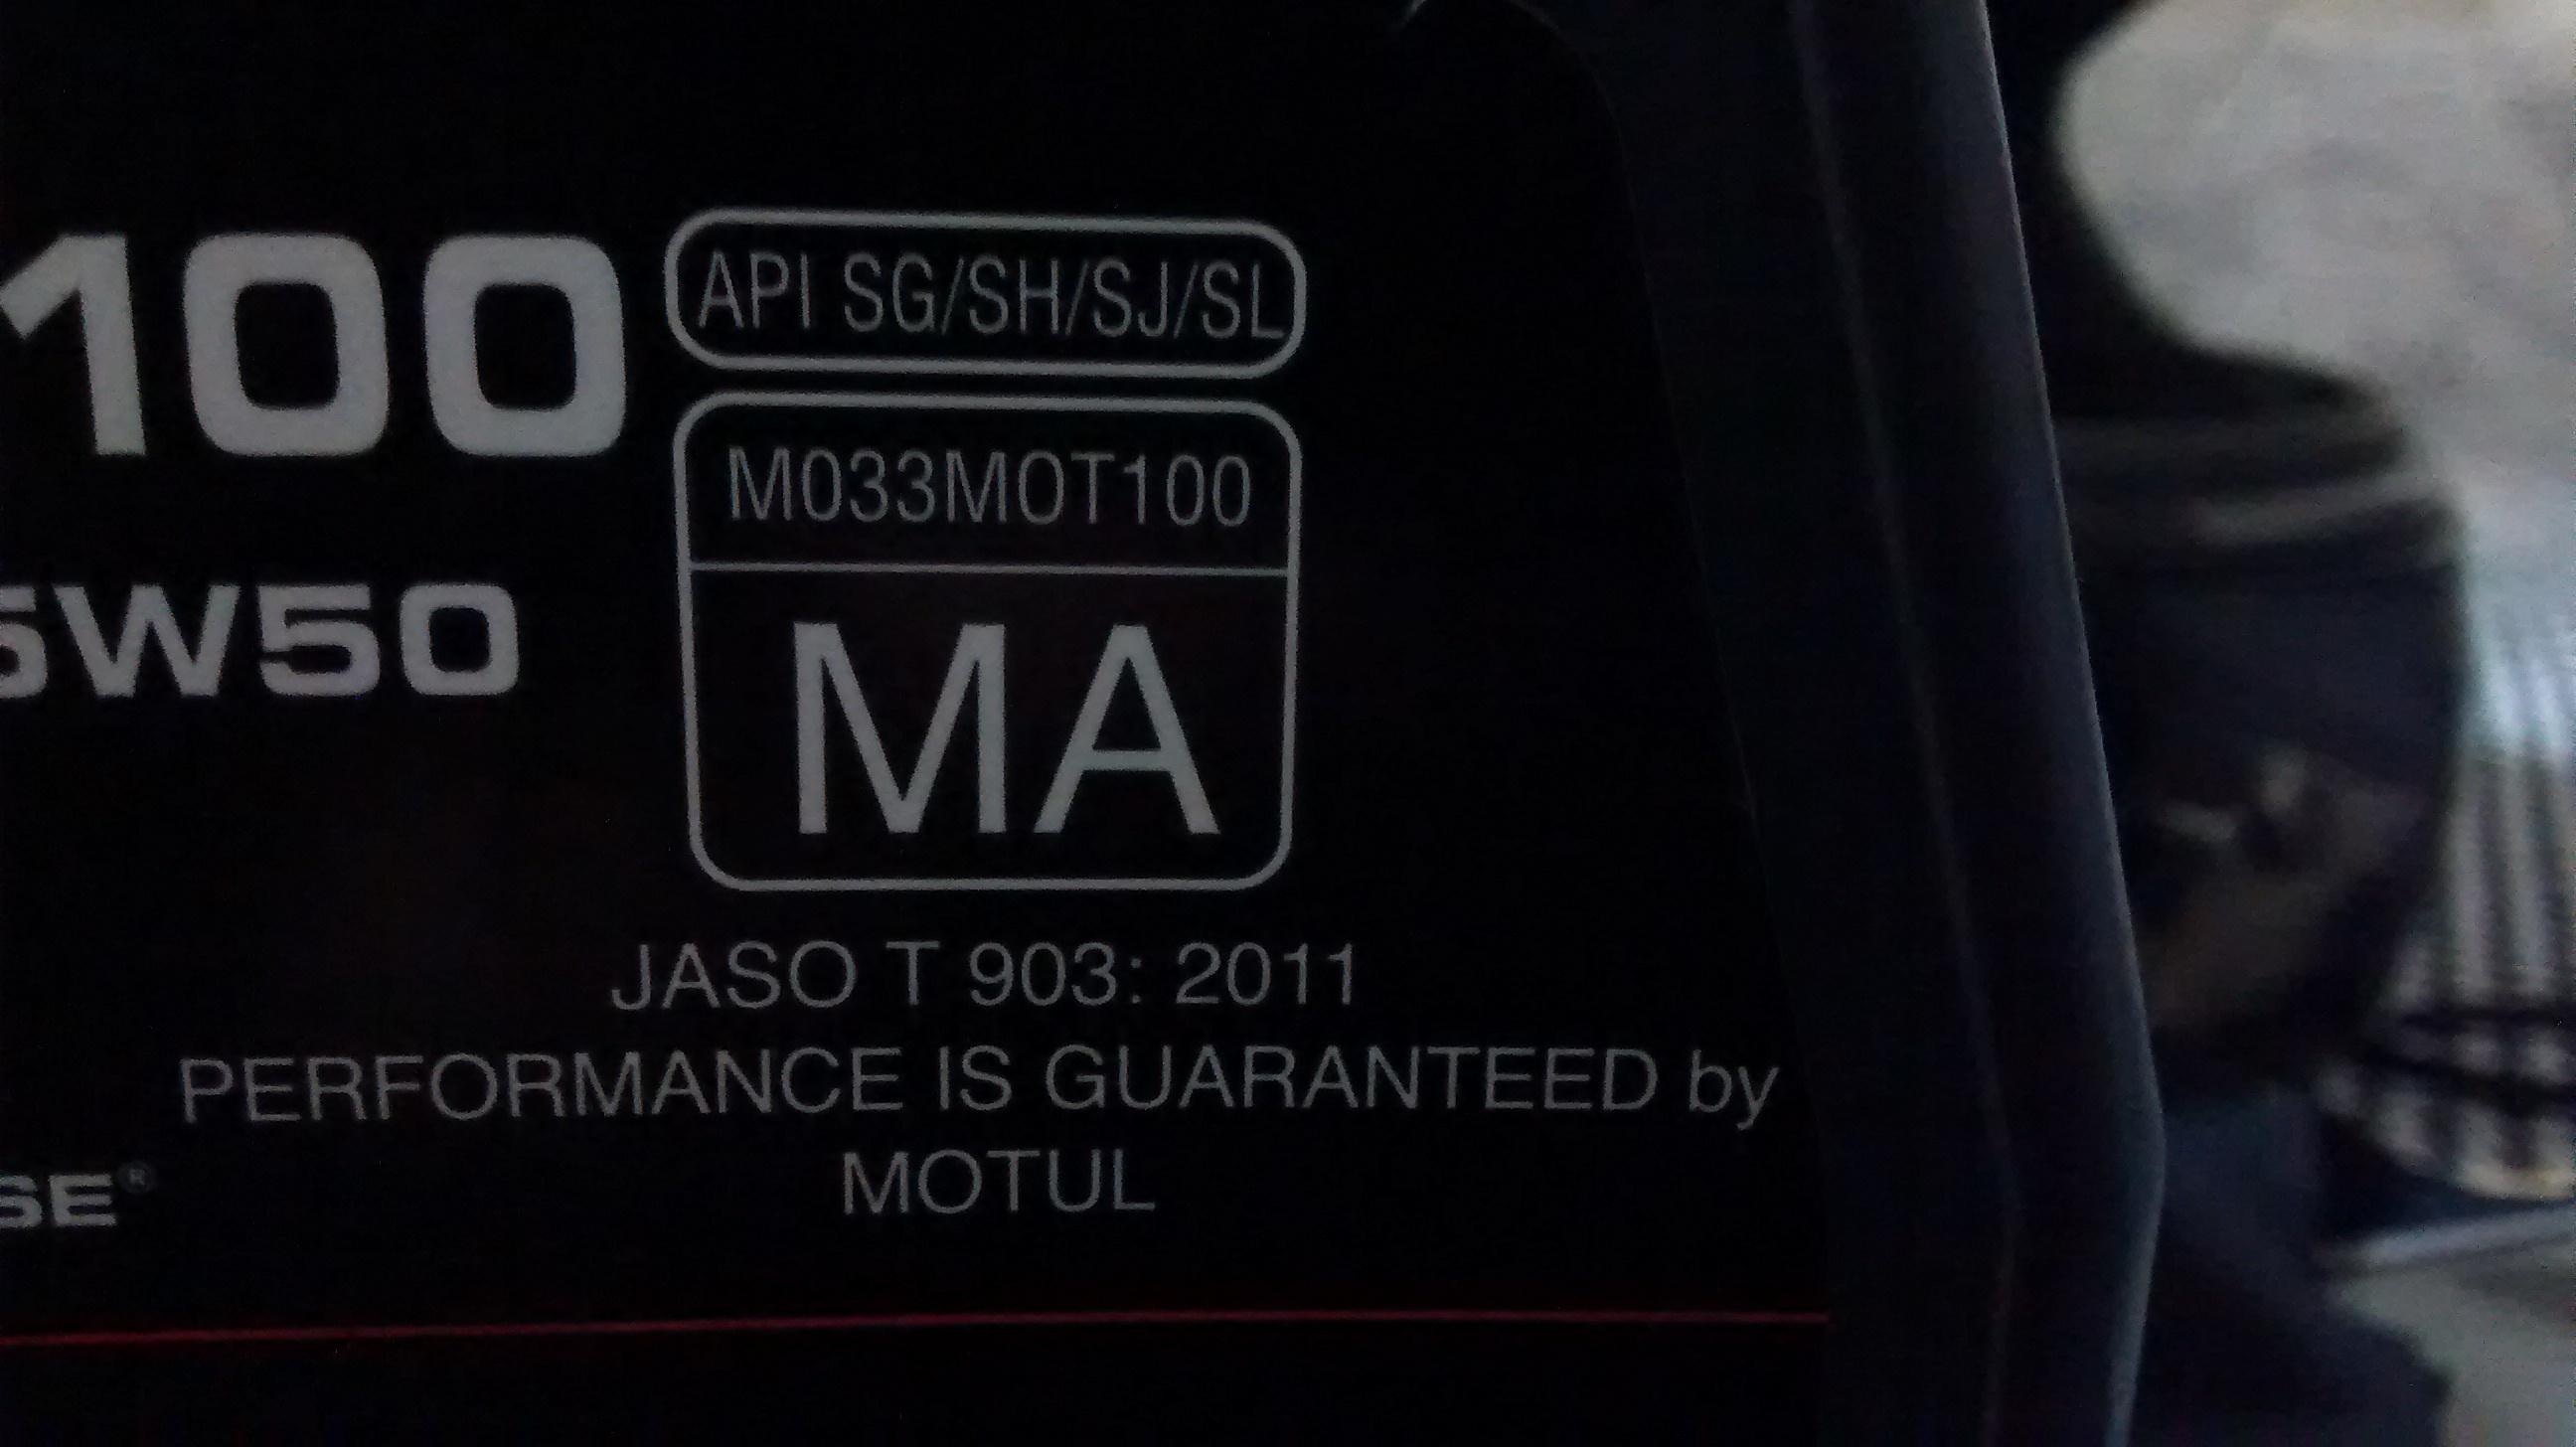 Misturar dois óleos motul 5100 15w50 MA e MA2 78e1f258bae52e6f493f38e6565a5ed0e0261e97